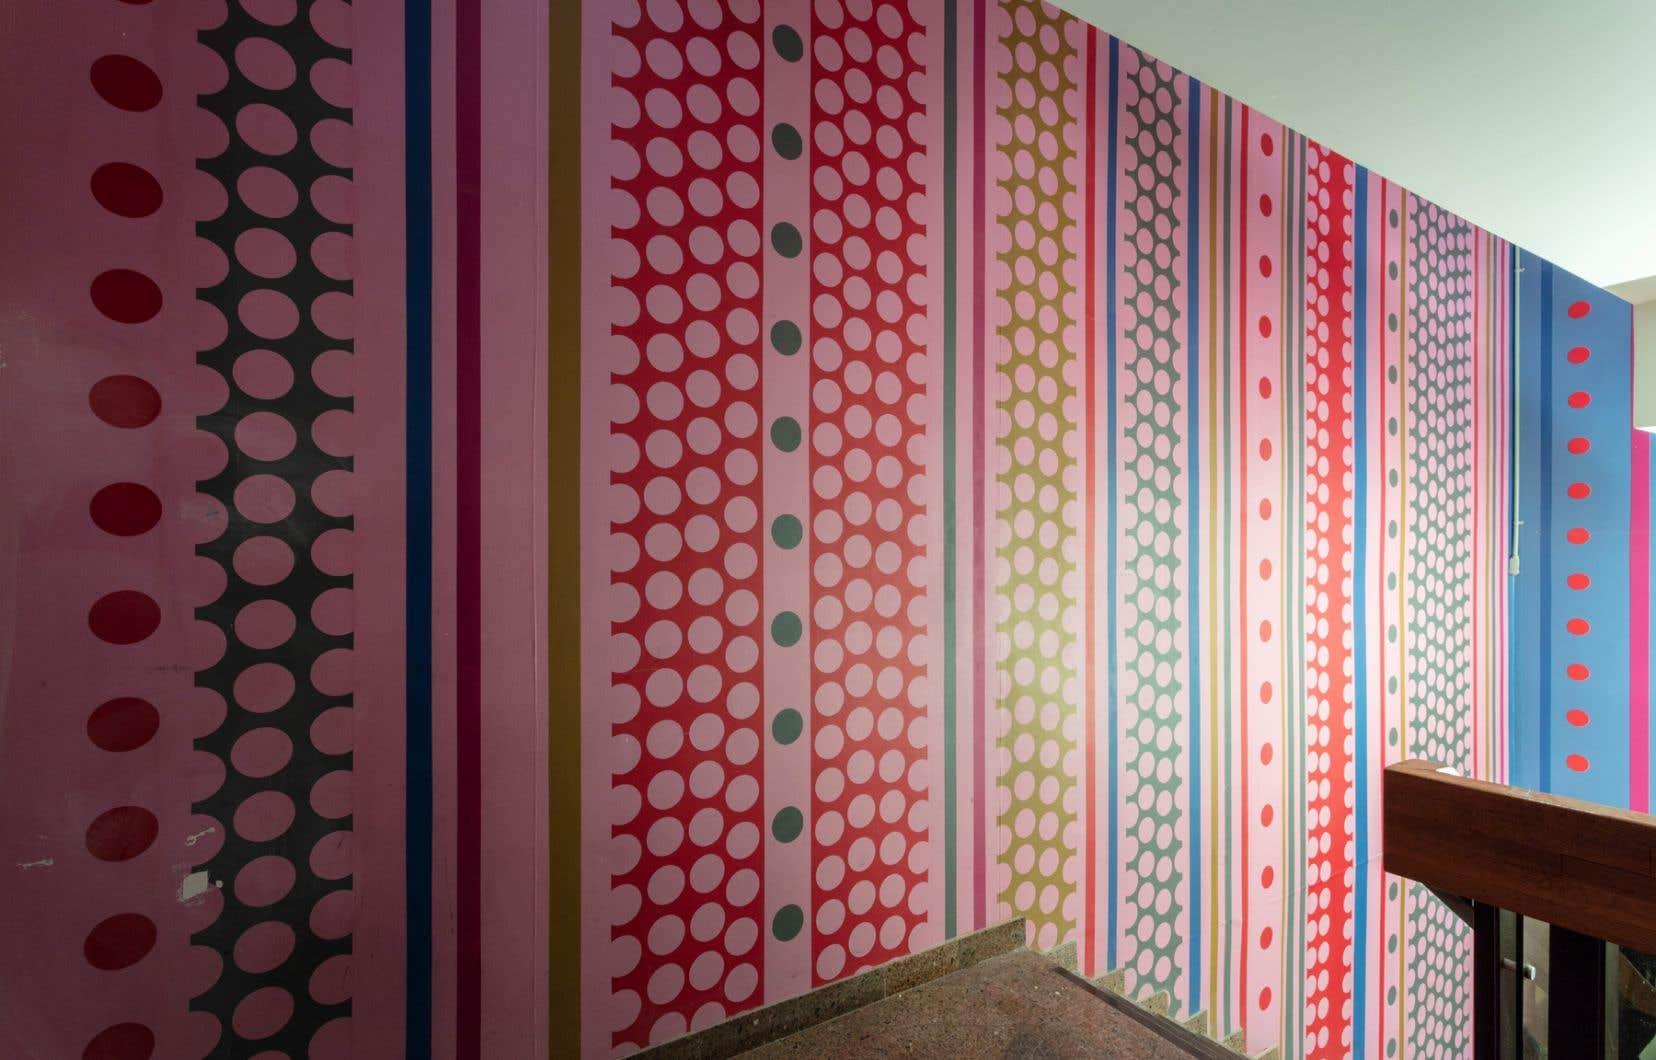 La murale de Robert Wolfe sera fragmentée pour former, réduite, une nouvelle œuvre.